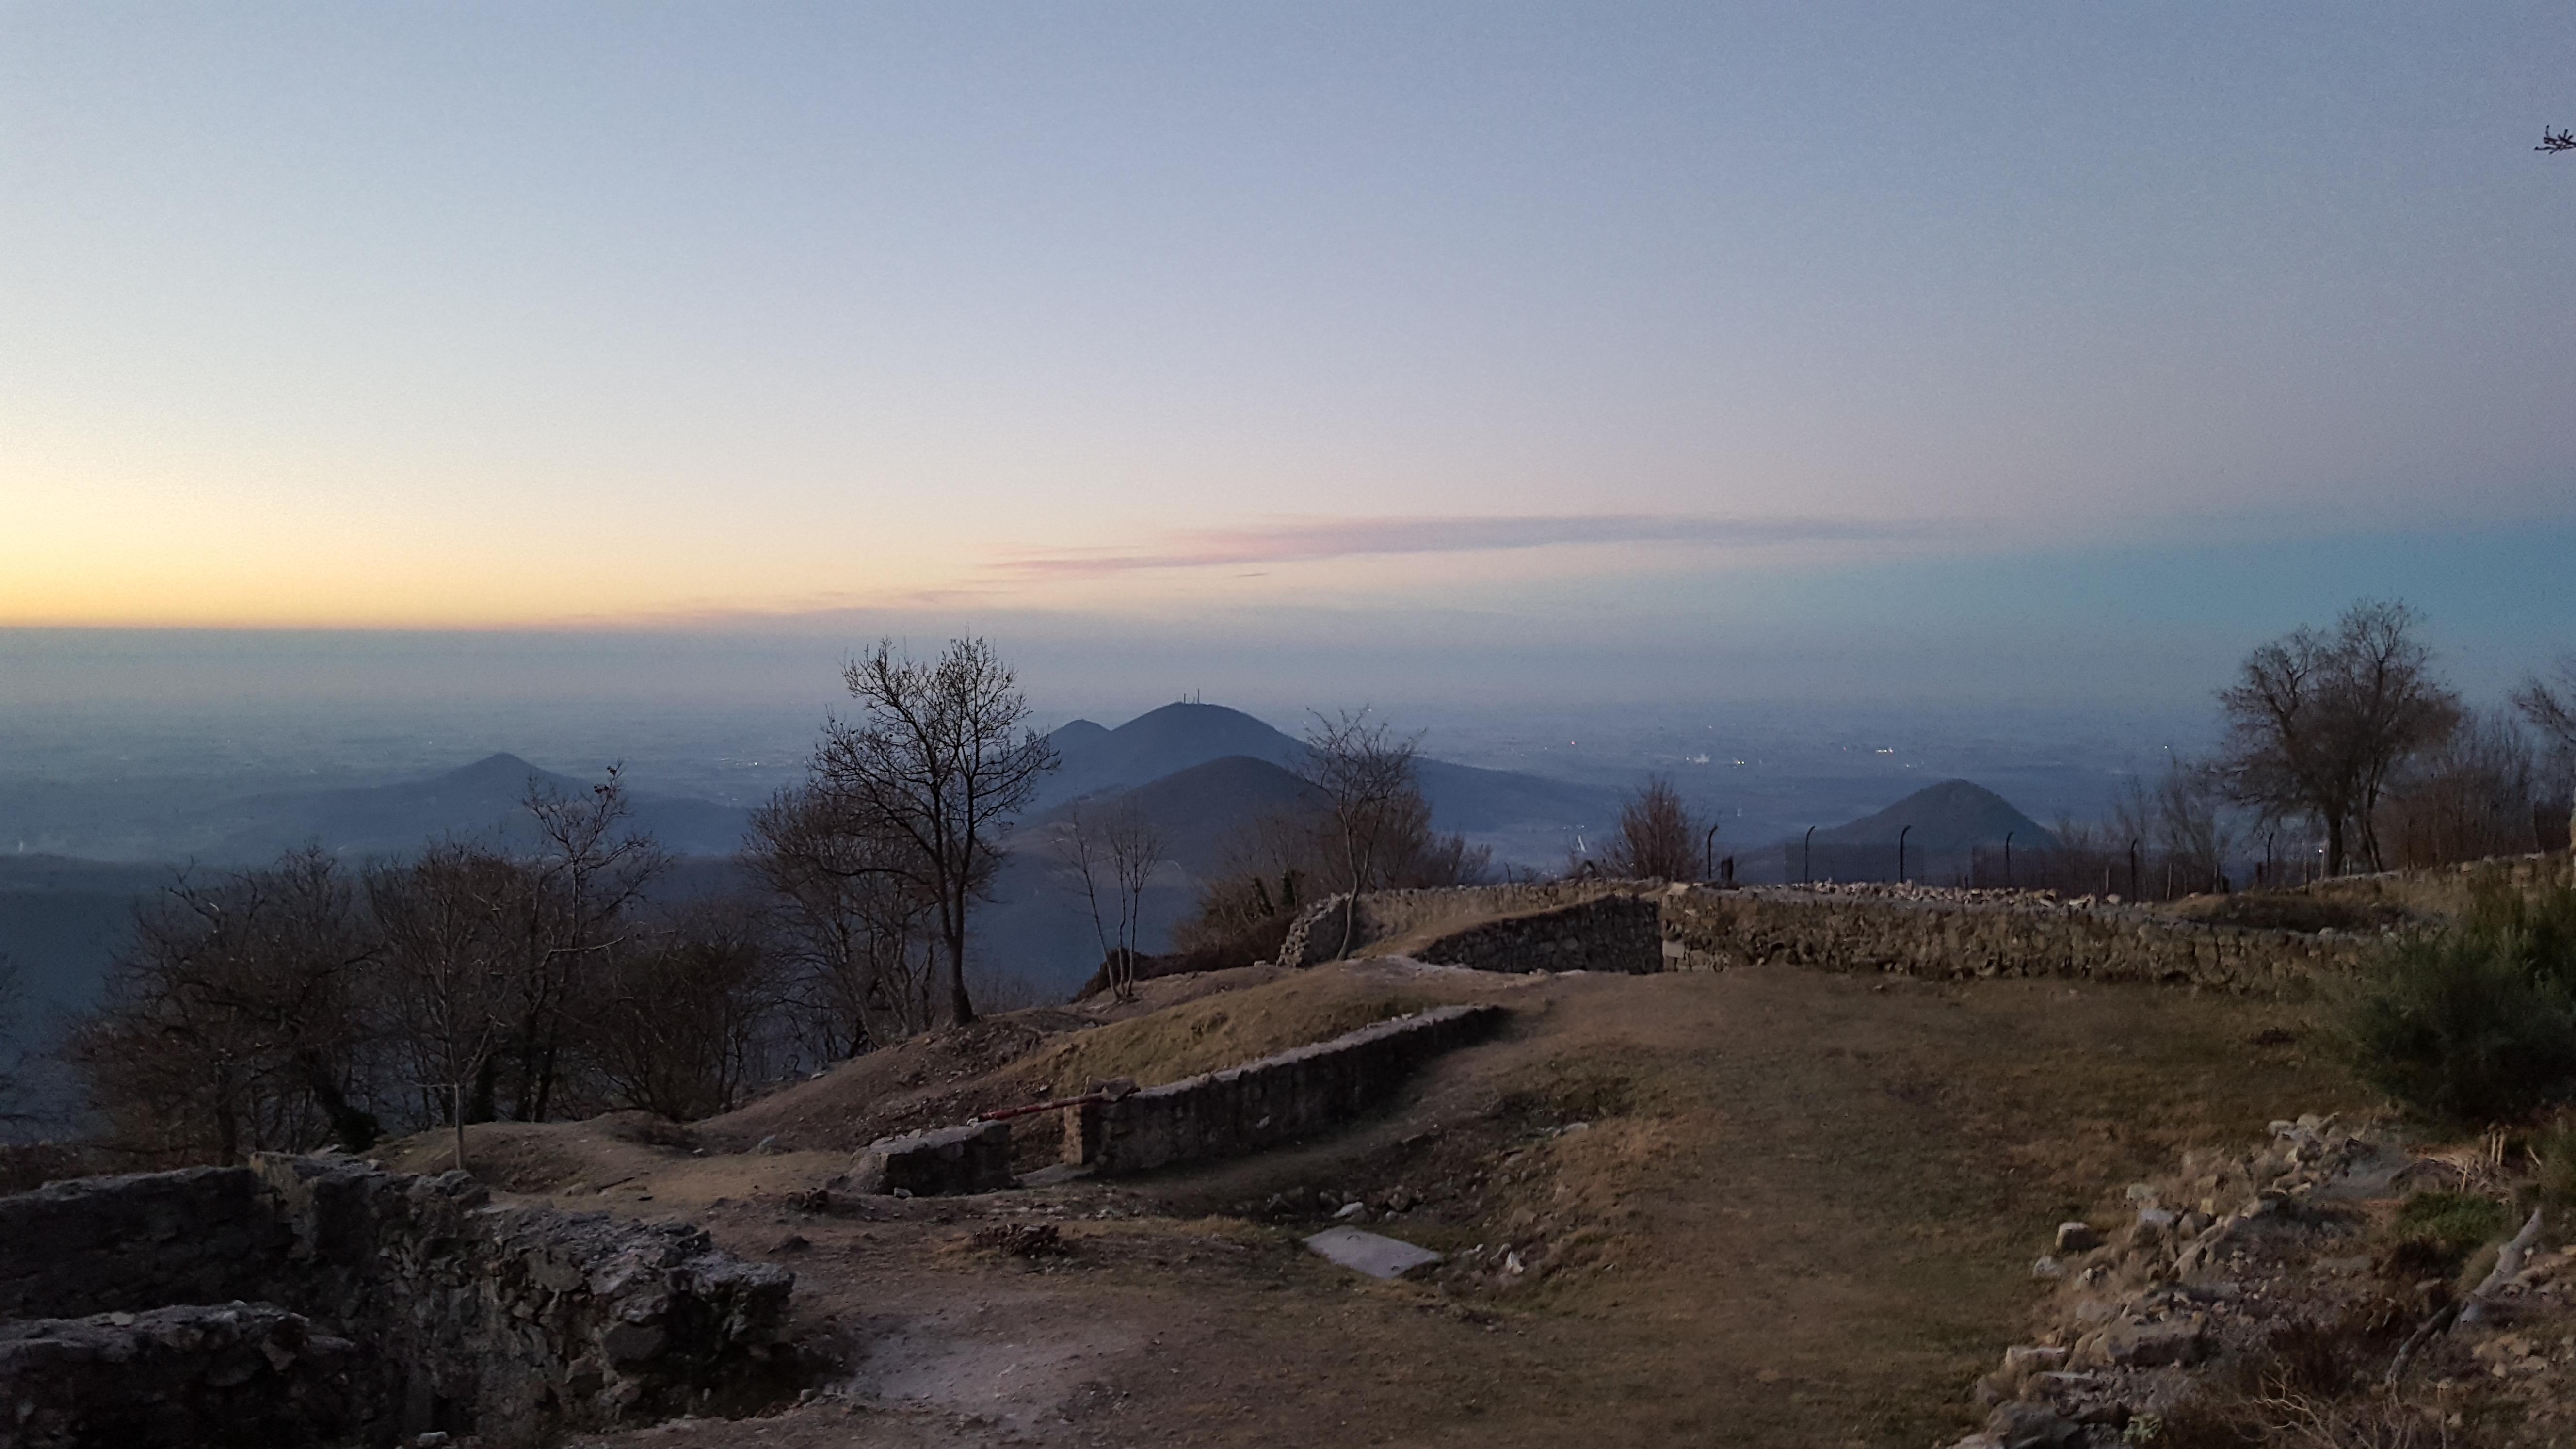 Il monastero degli Olivetani: trekking sul monte Venda alla scoperta delle sue rovine